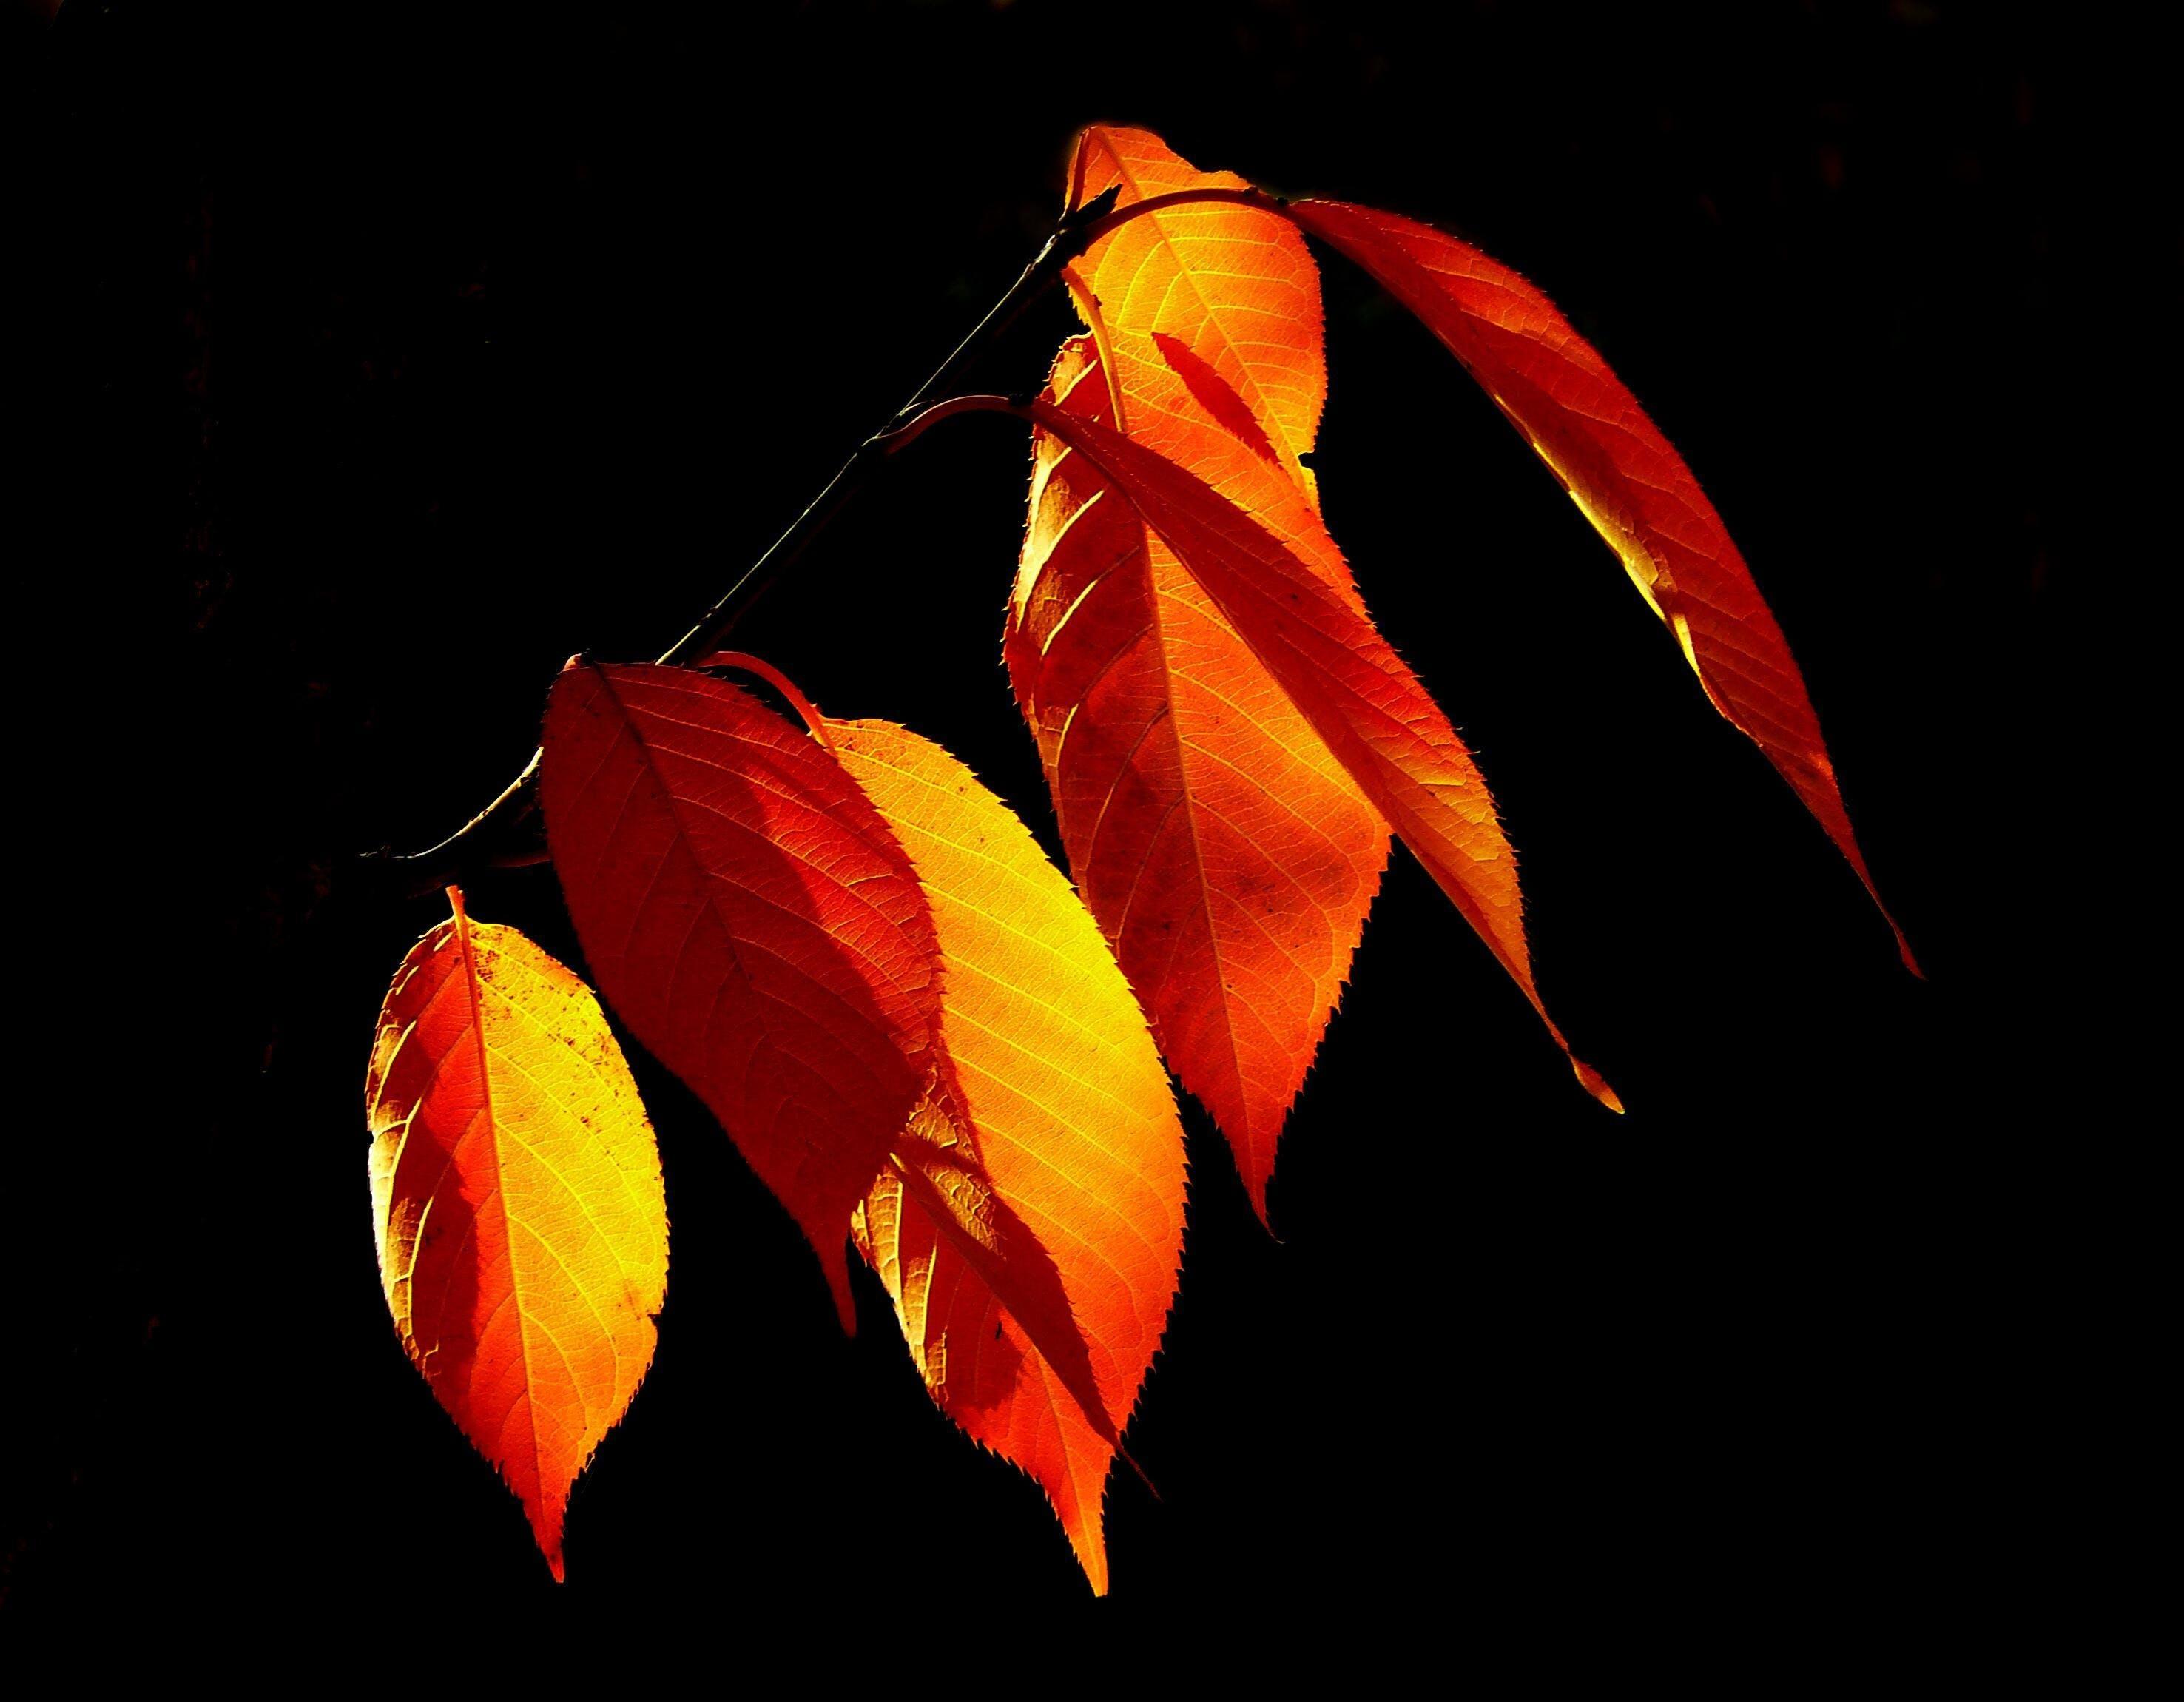 Gratis lagerfoto af appelsin, baglygte, efterårsblade, gul